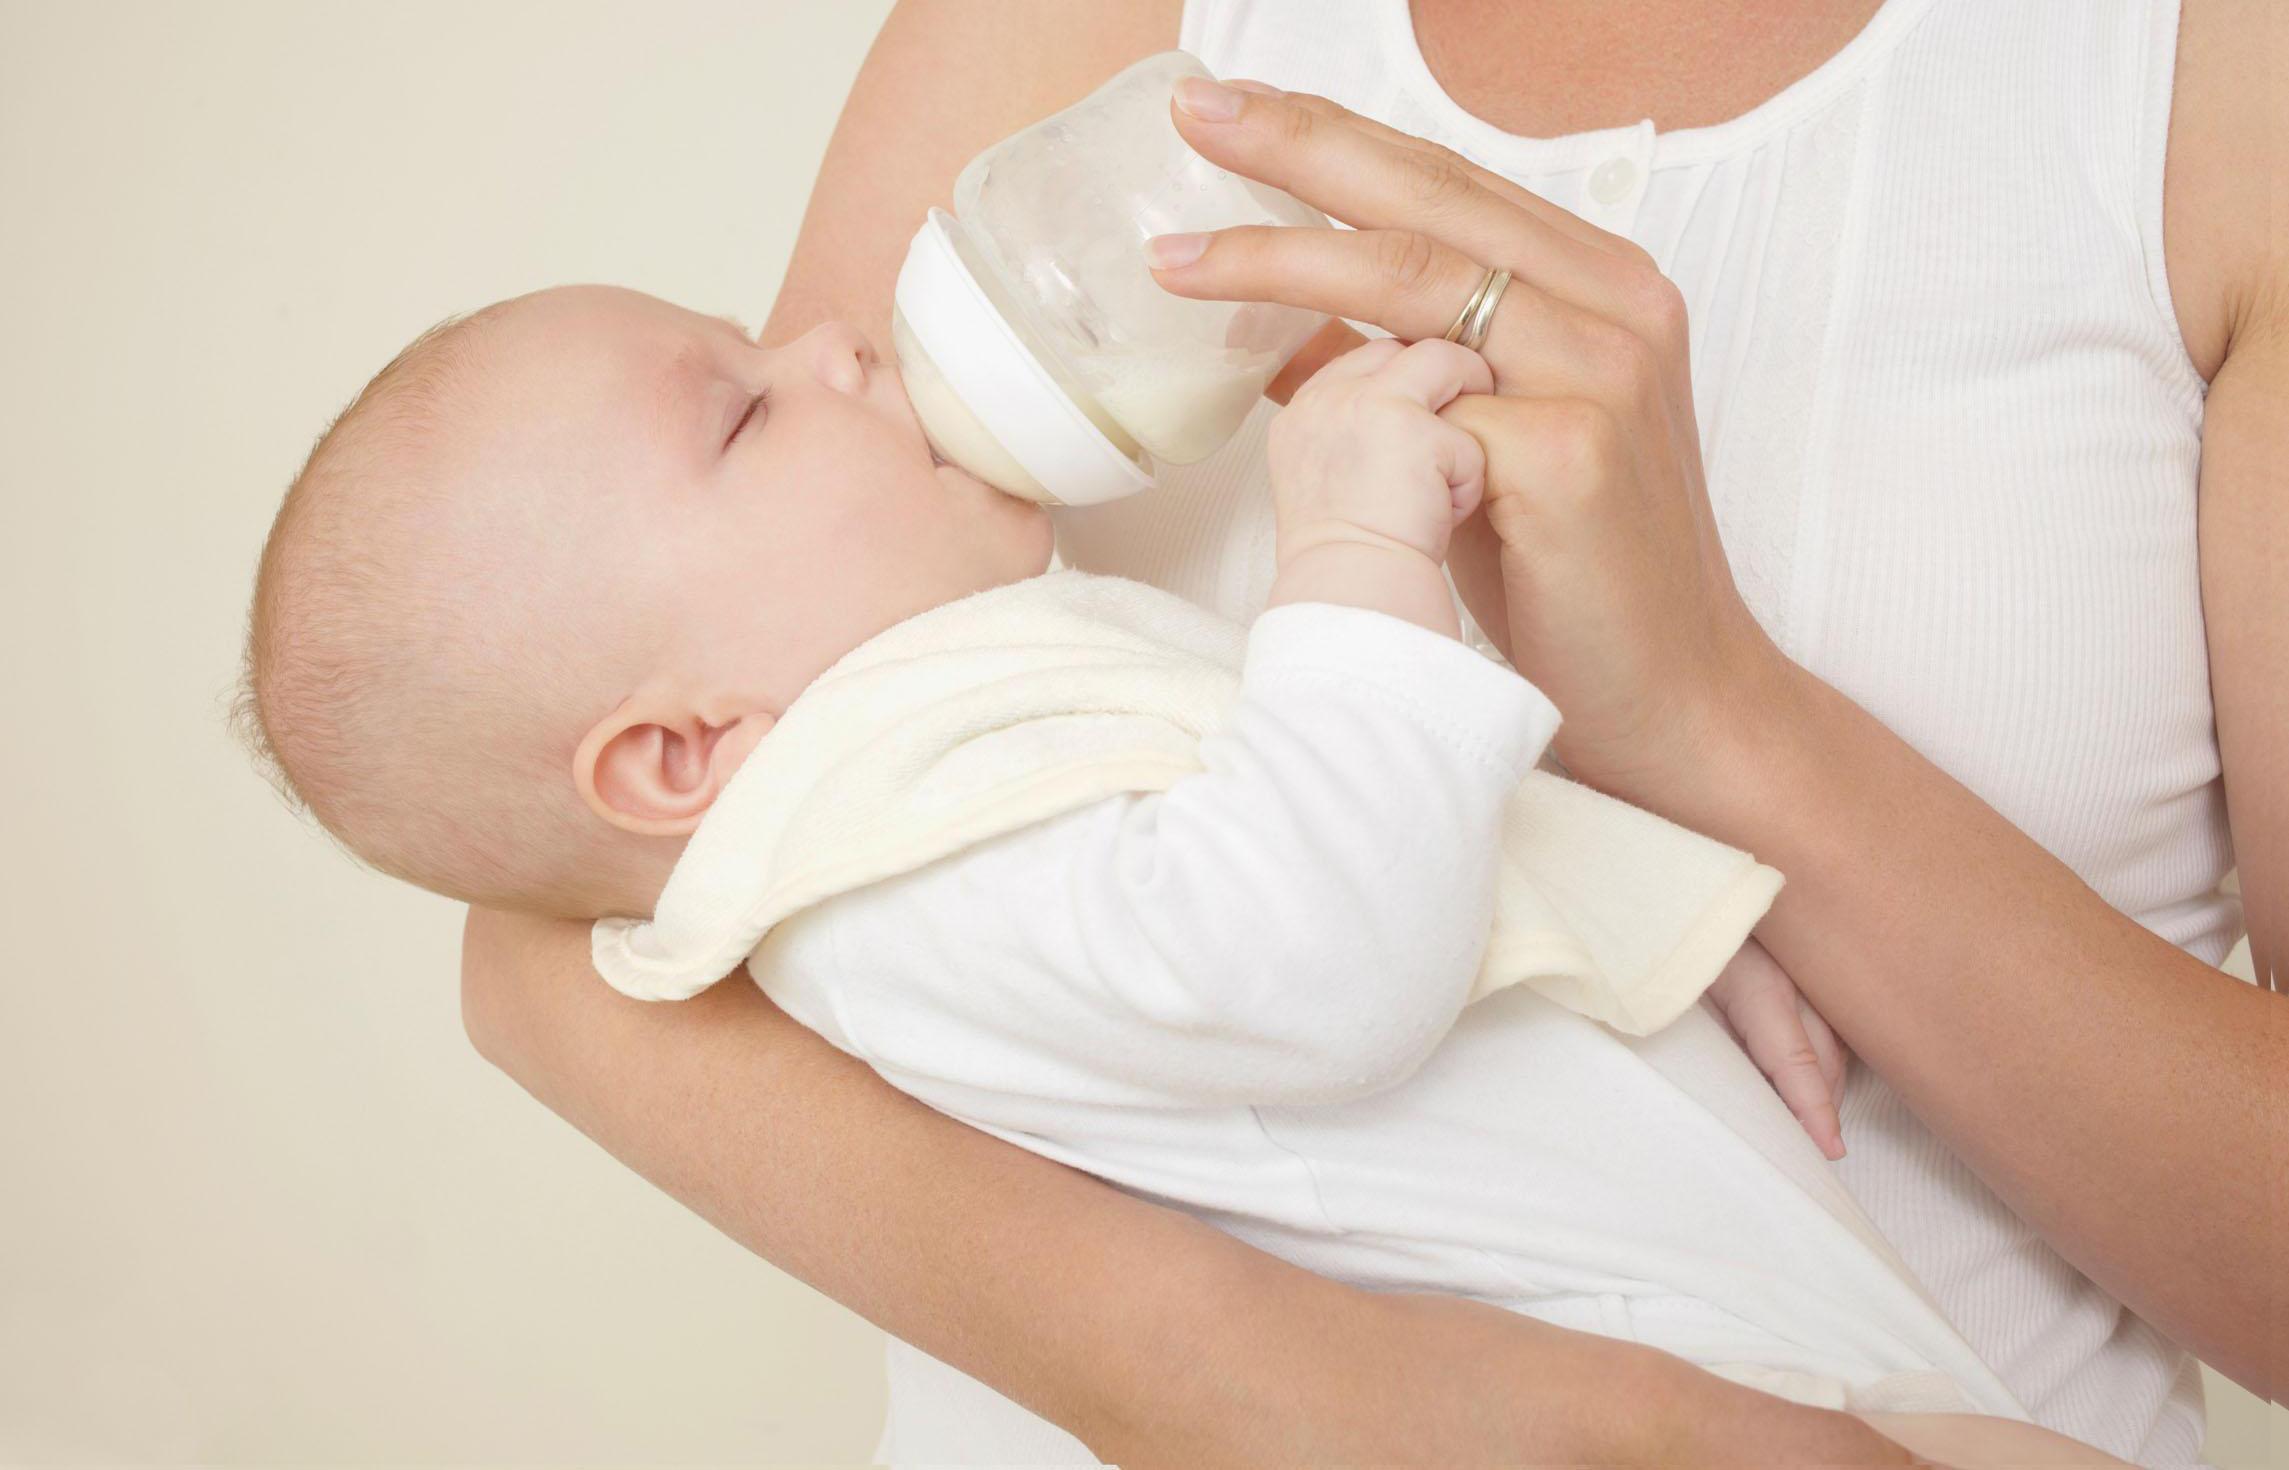 母乳喂养有助妈妈减肥哦